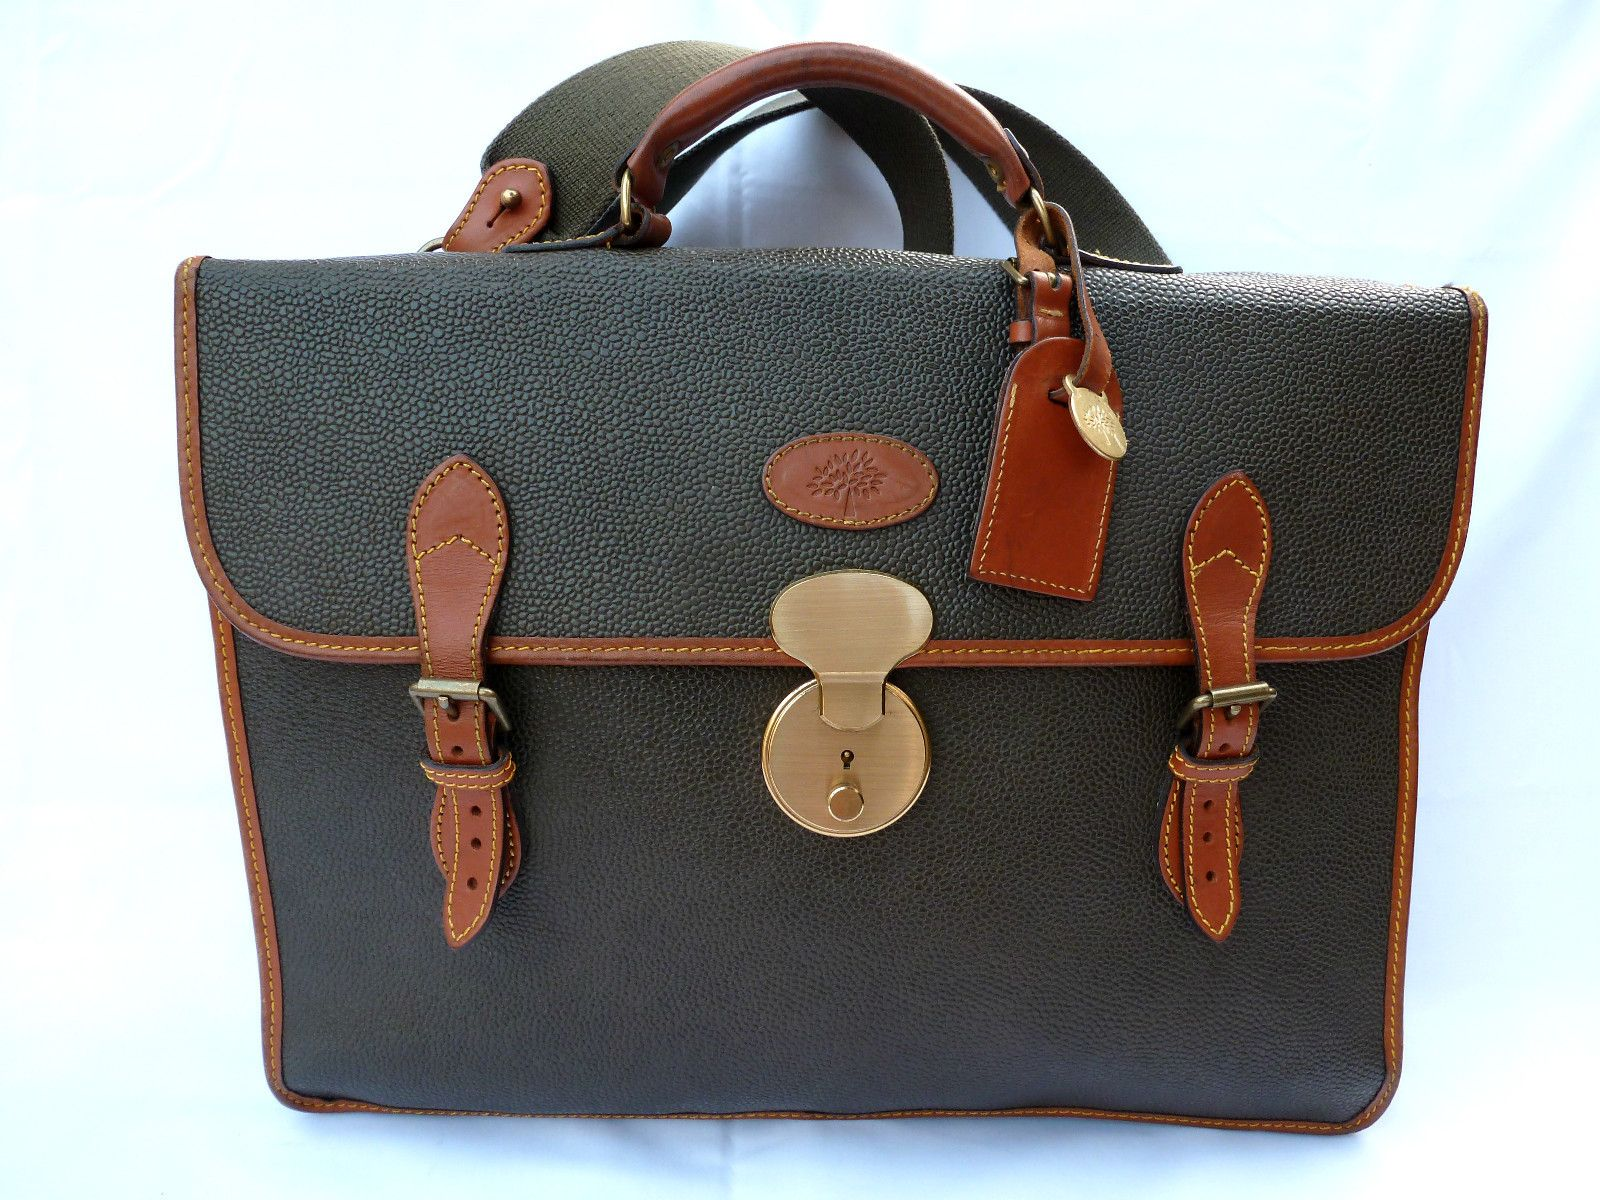 6fc50c802759 coupon for mulberry briefcase laptop bag f662c f9916  new arrivals superb  mulberry scotchgrain leather satchel briefcase laptop bag 149b7 de164